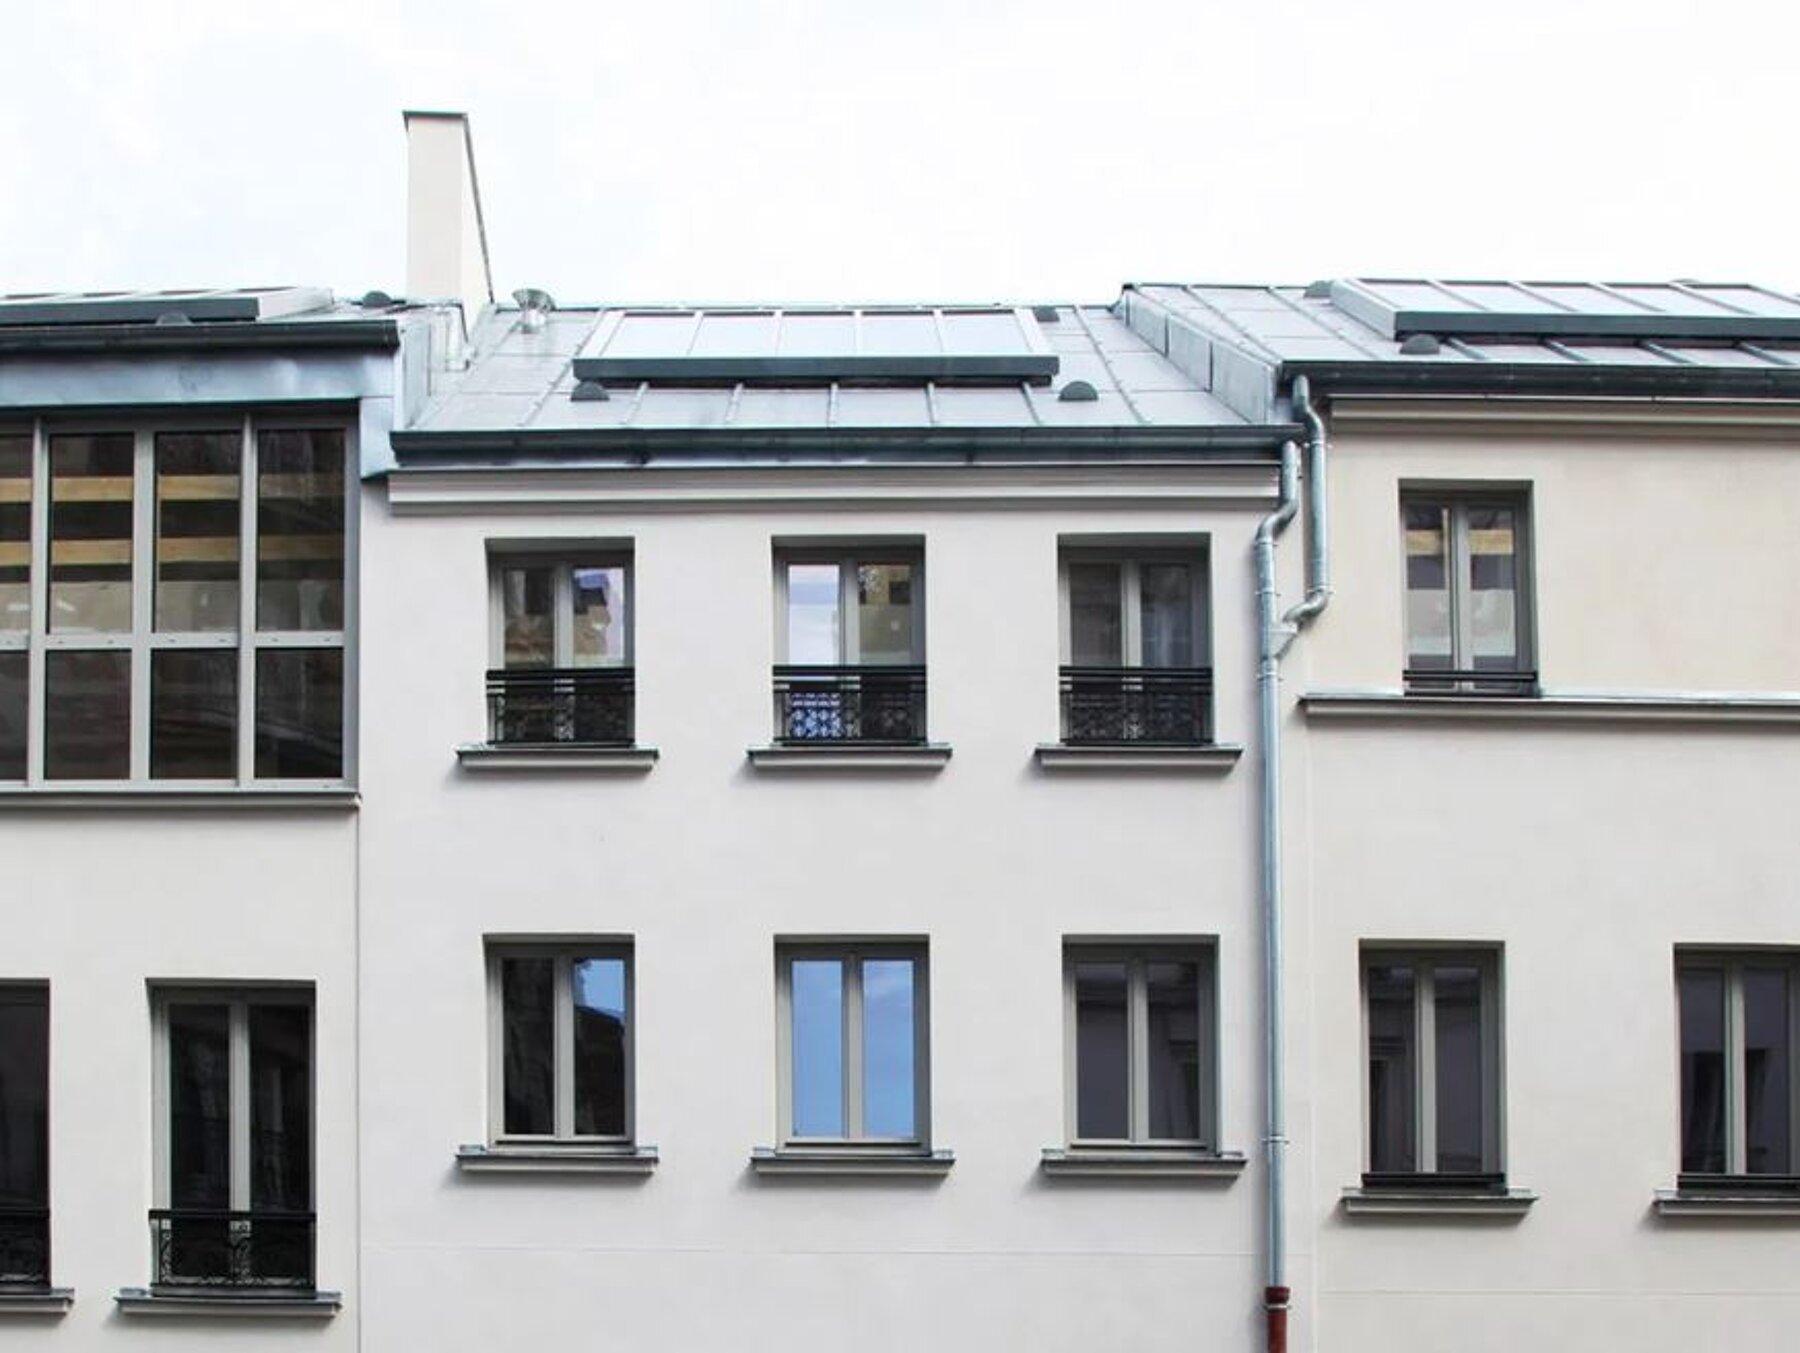 Surélévation - Logements collectifs par un architecte Archidvisor